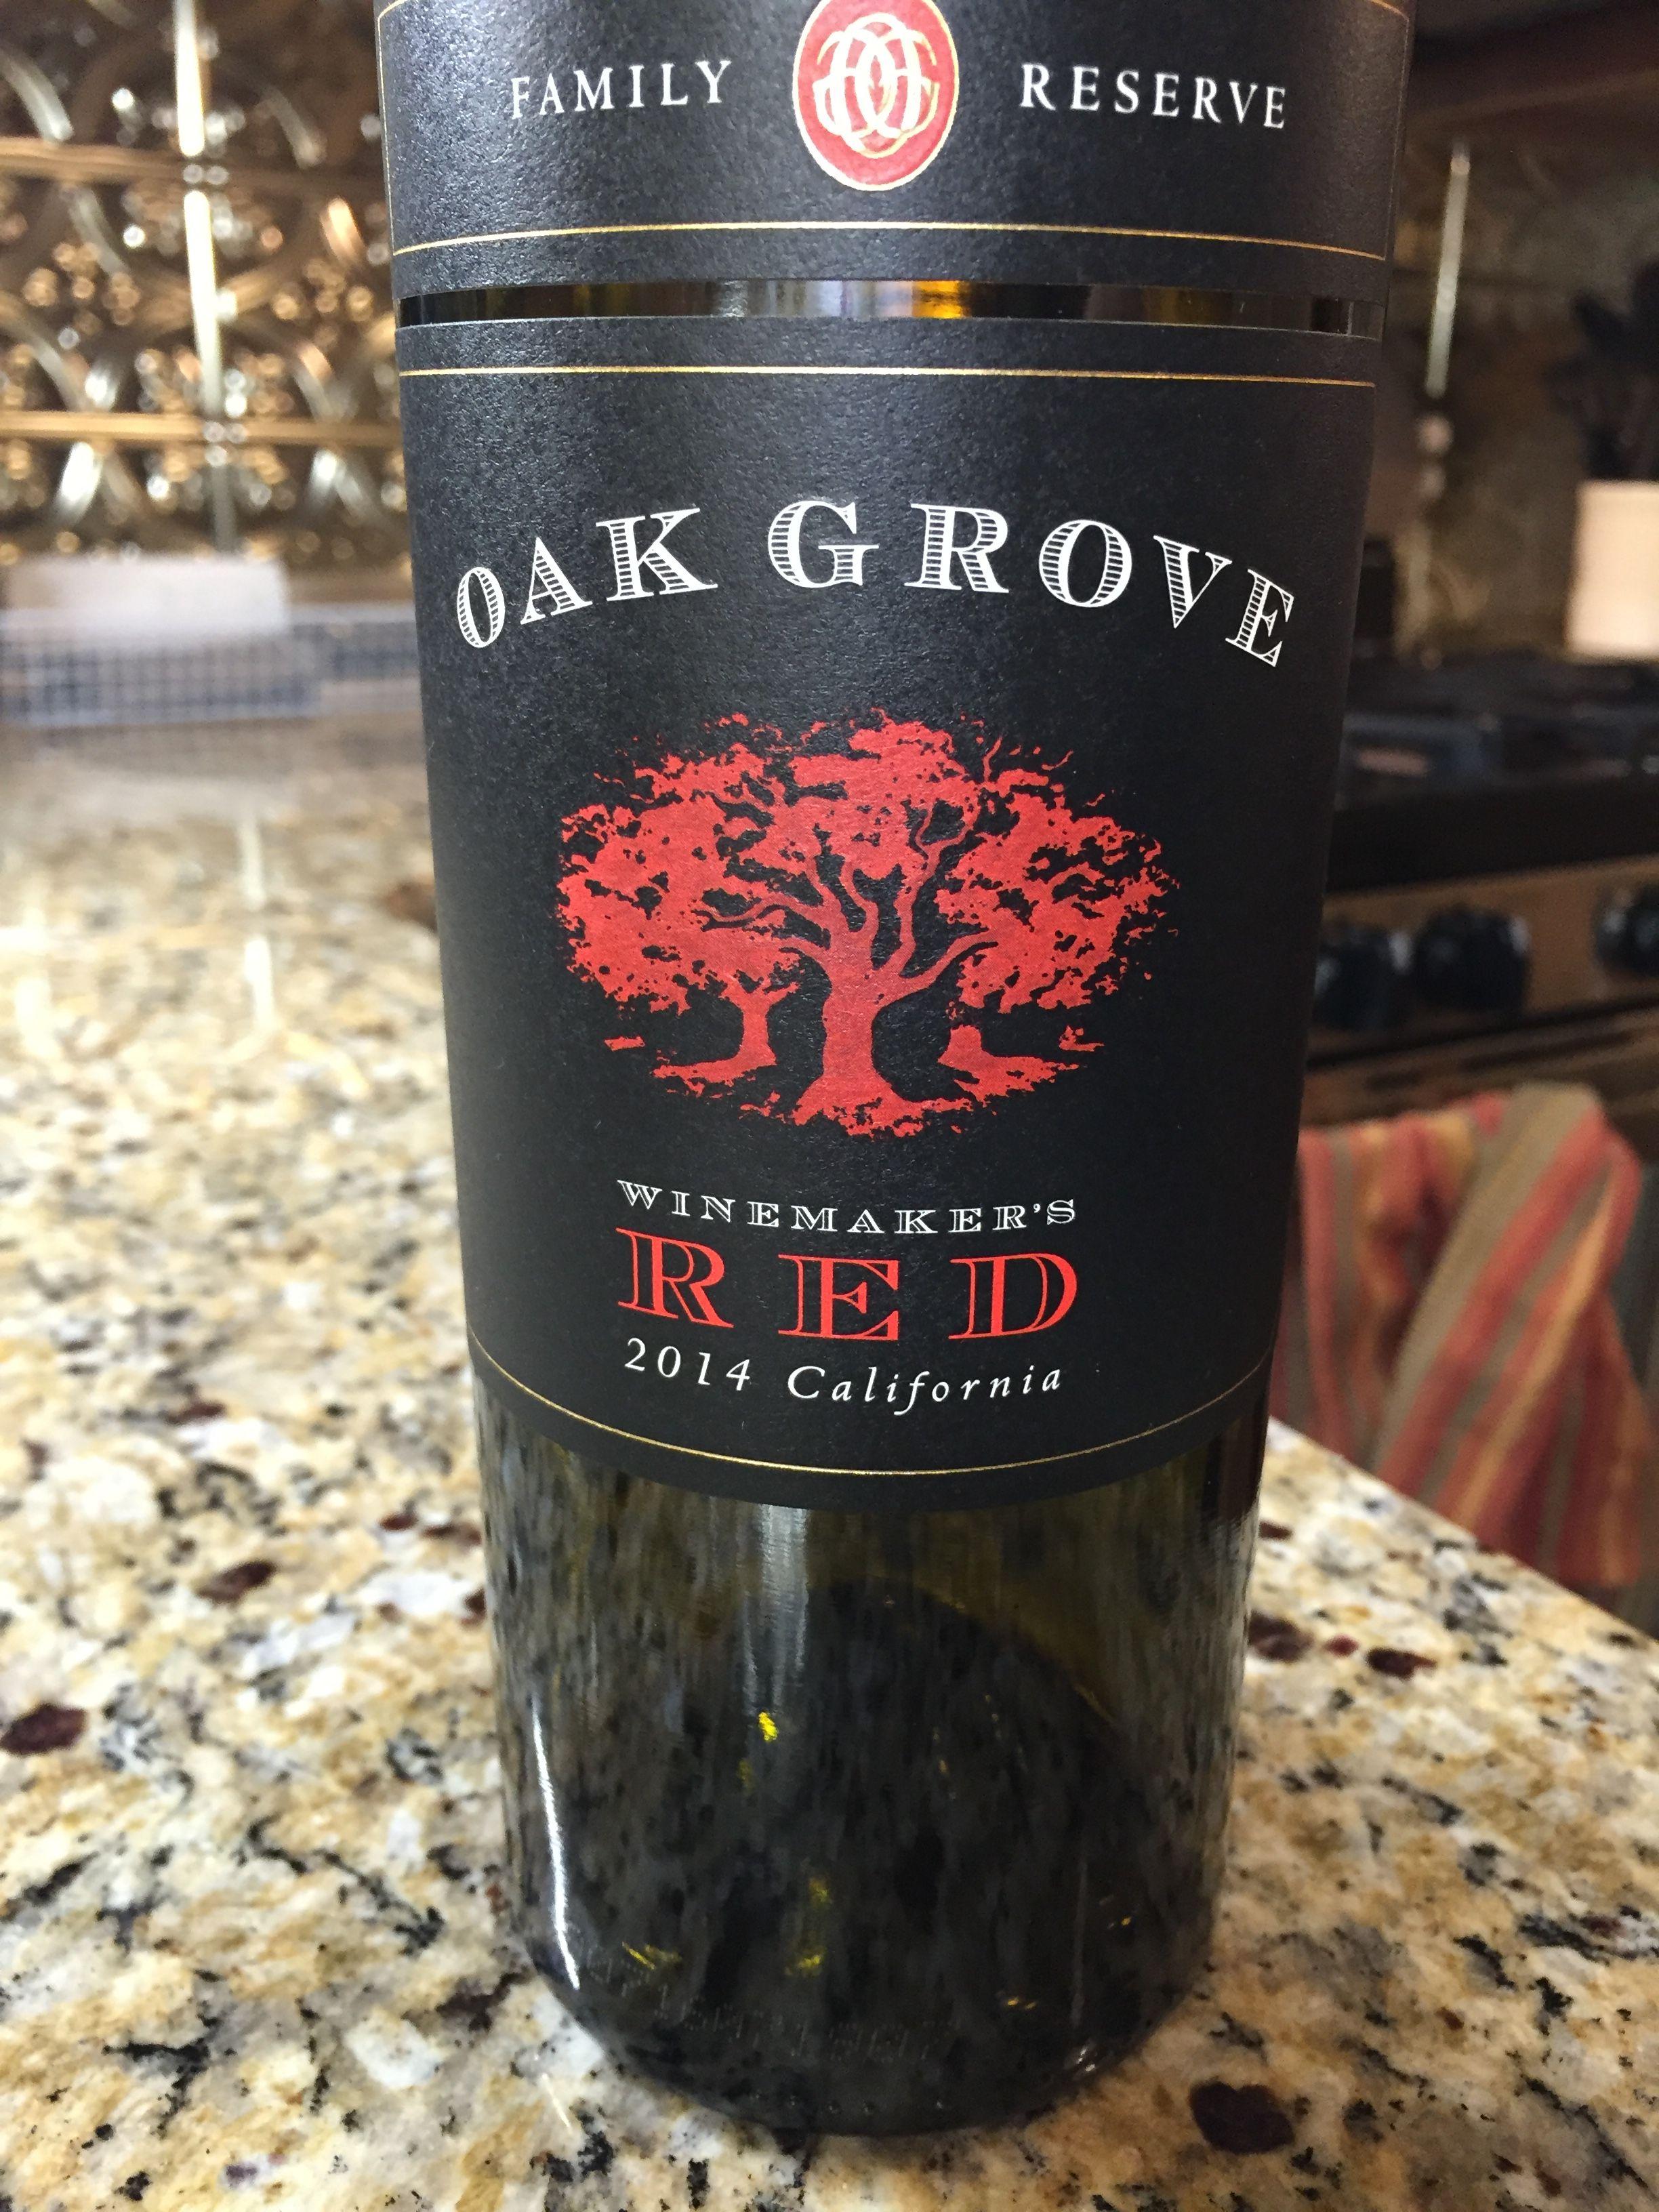 Oak Grove Not Bad Light Not Too Sweet Wine Bottle Liquor Store Red Wine